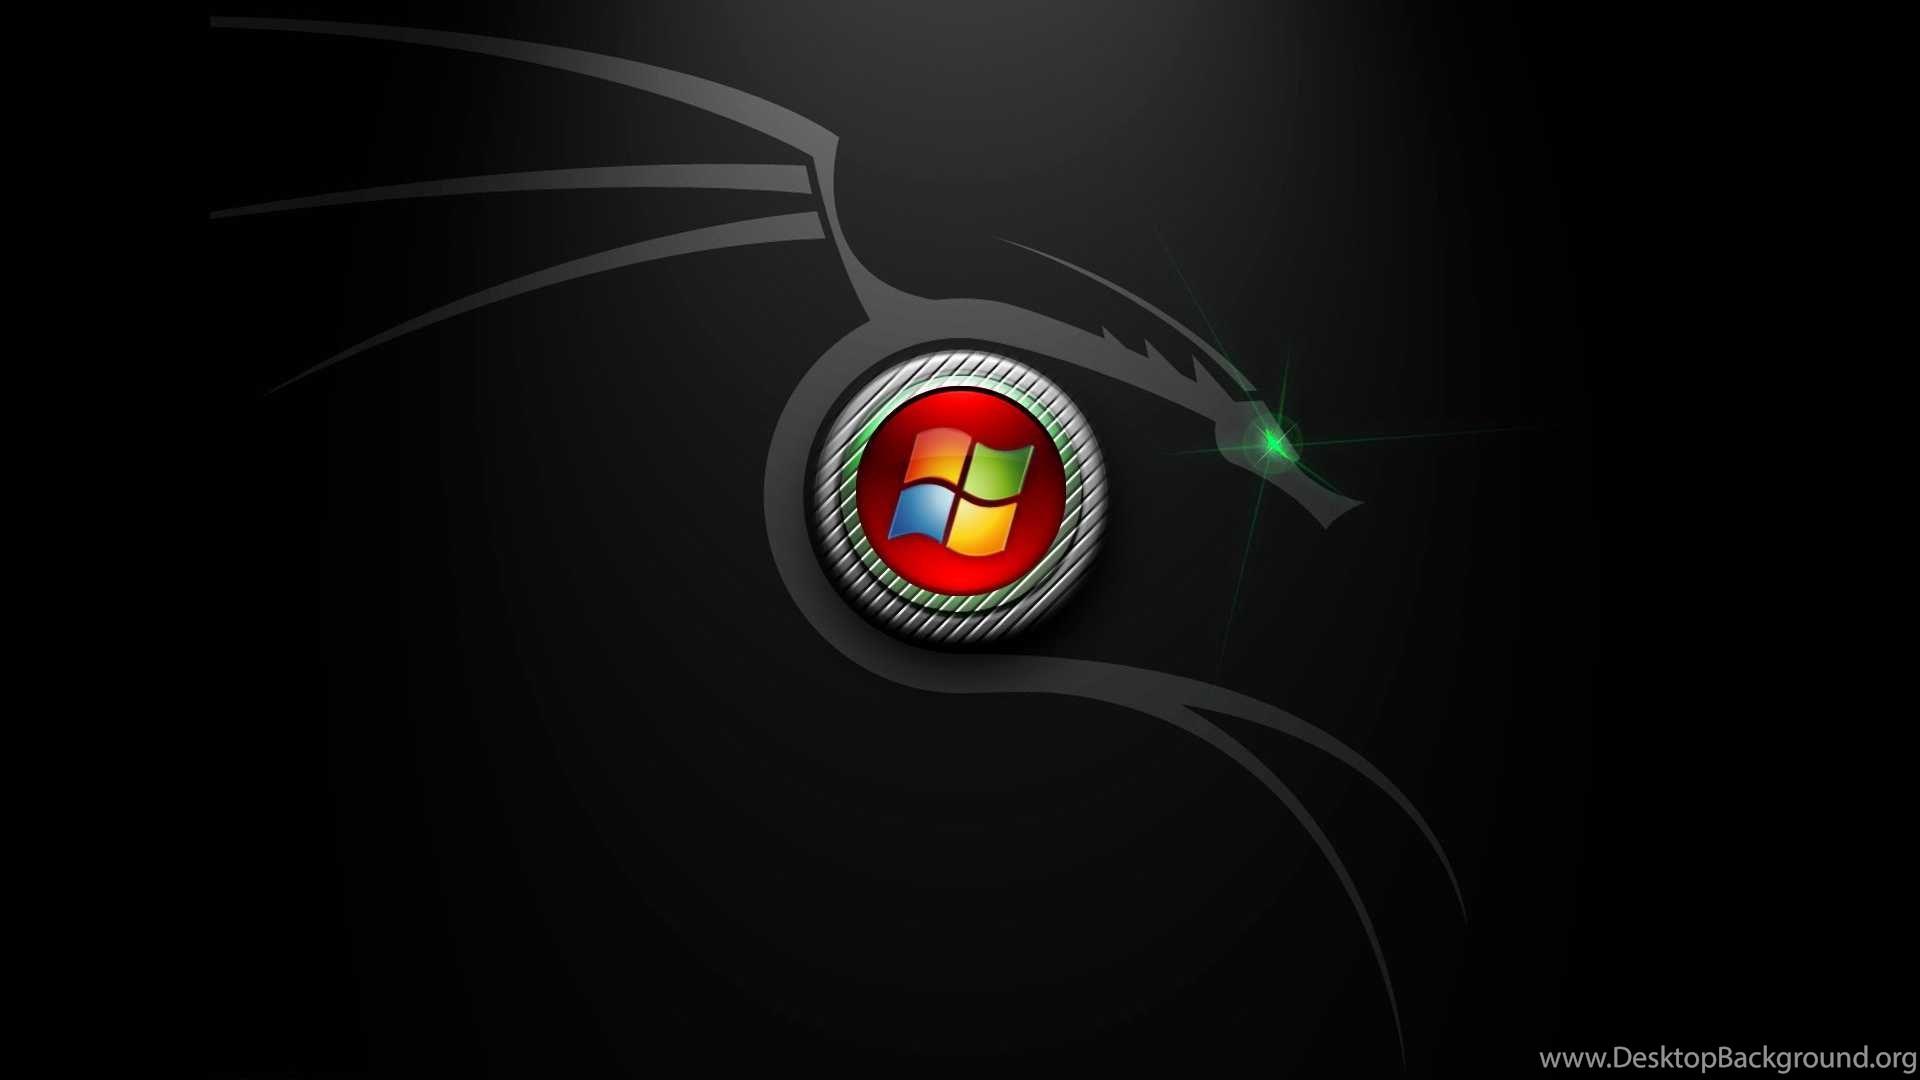 Hd Abstract Wallpapers For Windows 7 Y20a Walleoco Walleoco